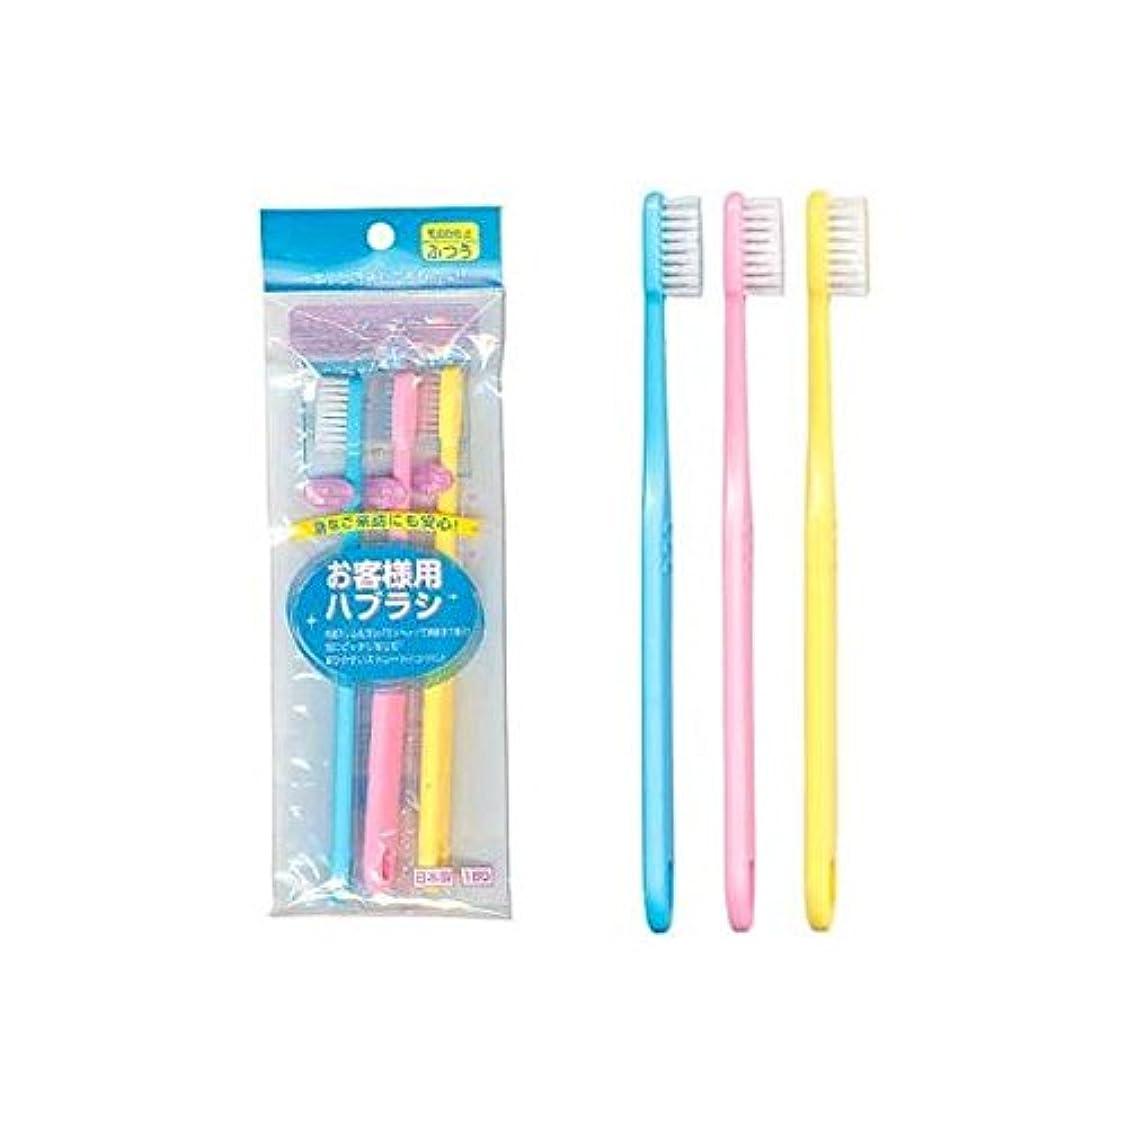 試みレインコート役に立たないお客様用歯ブラシ(3P) [12個セット] 41-006